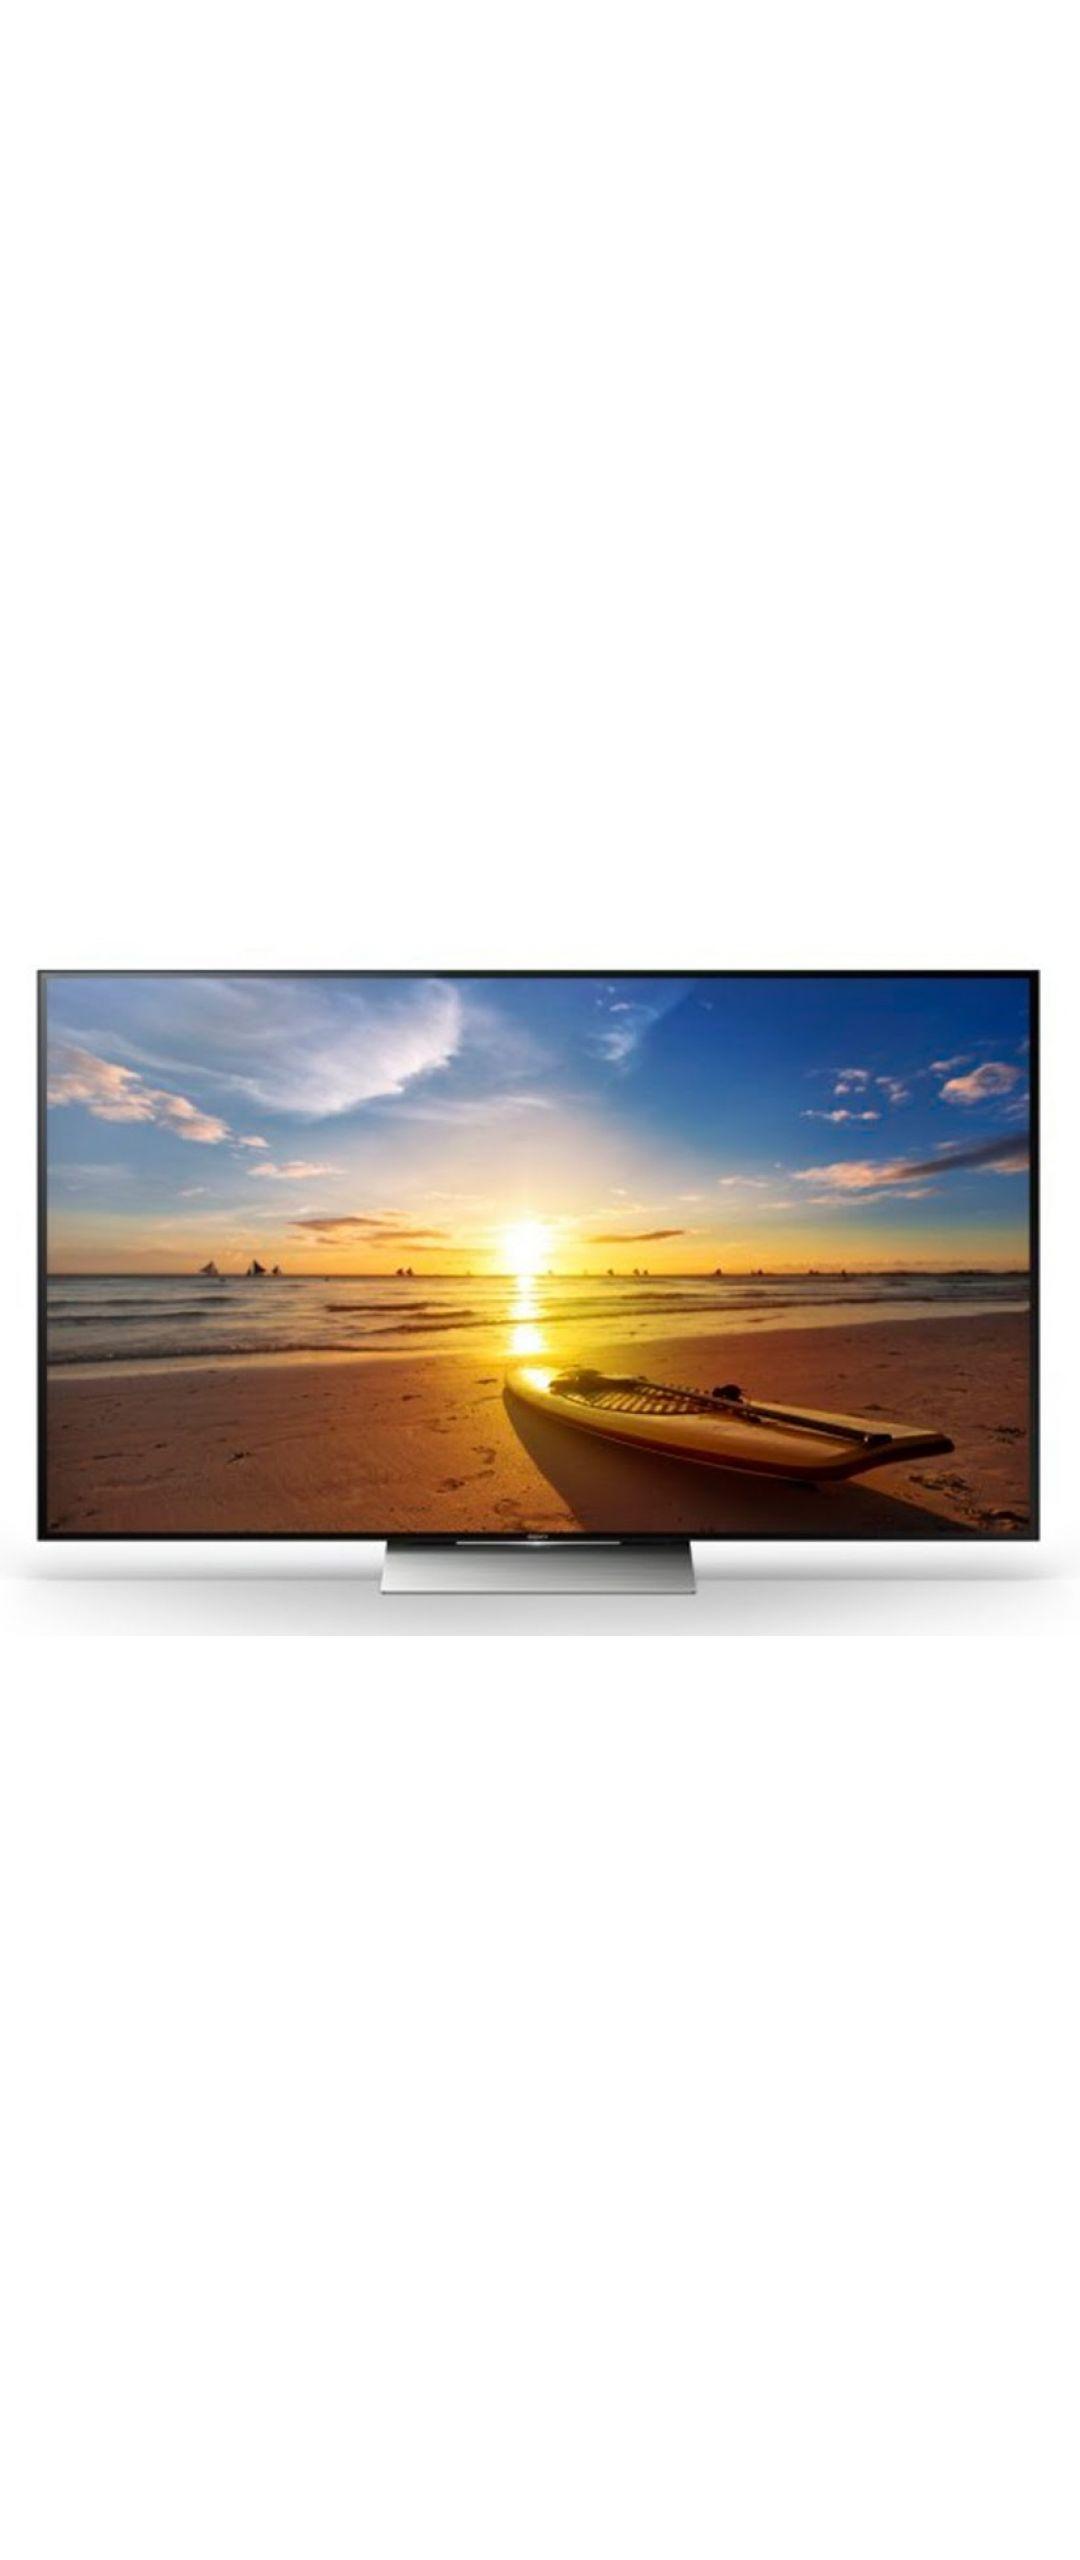 El 4K HDR llega a los televisores Bravia de Sony #CES2017